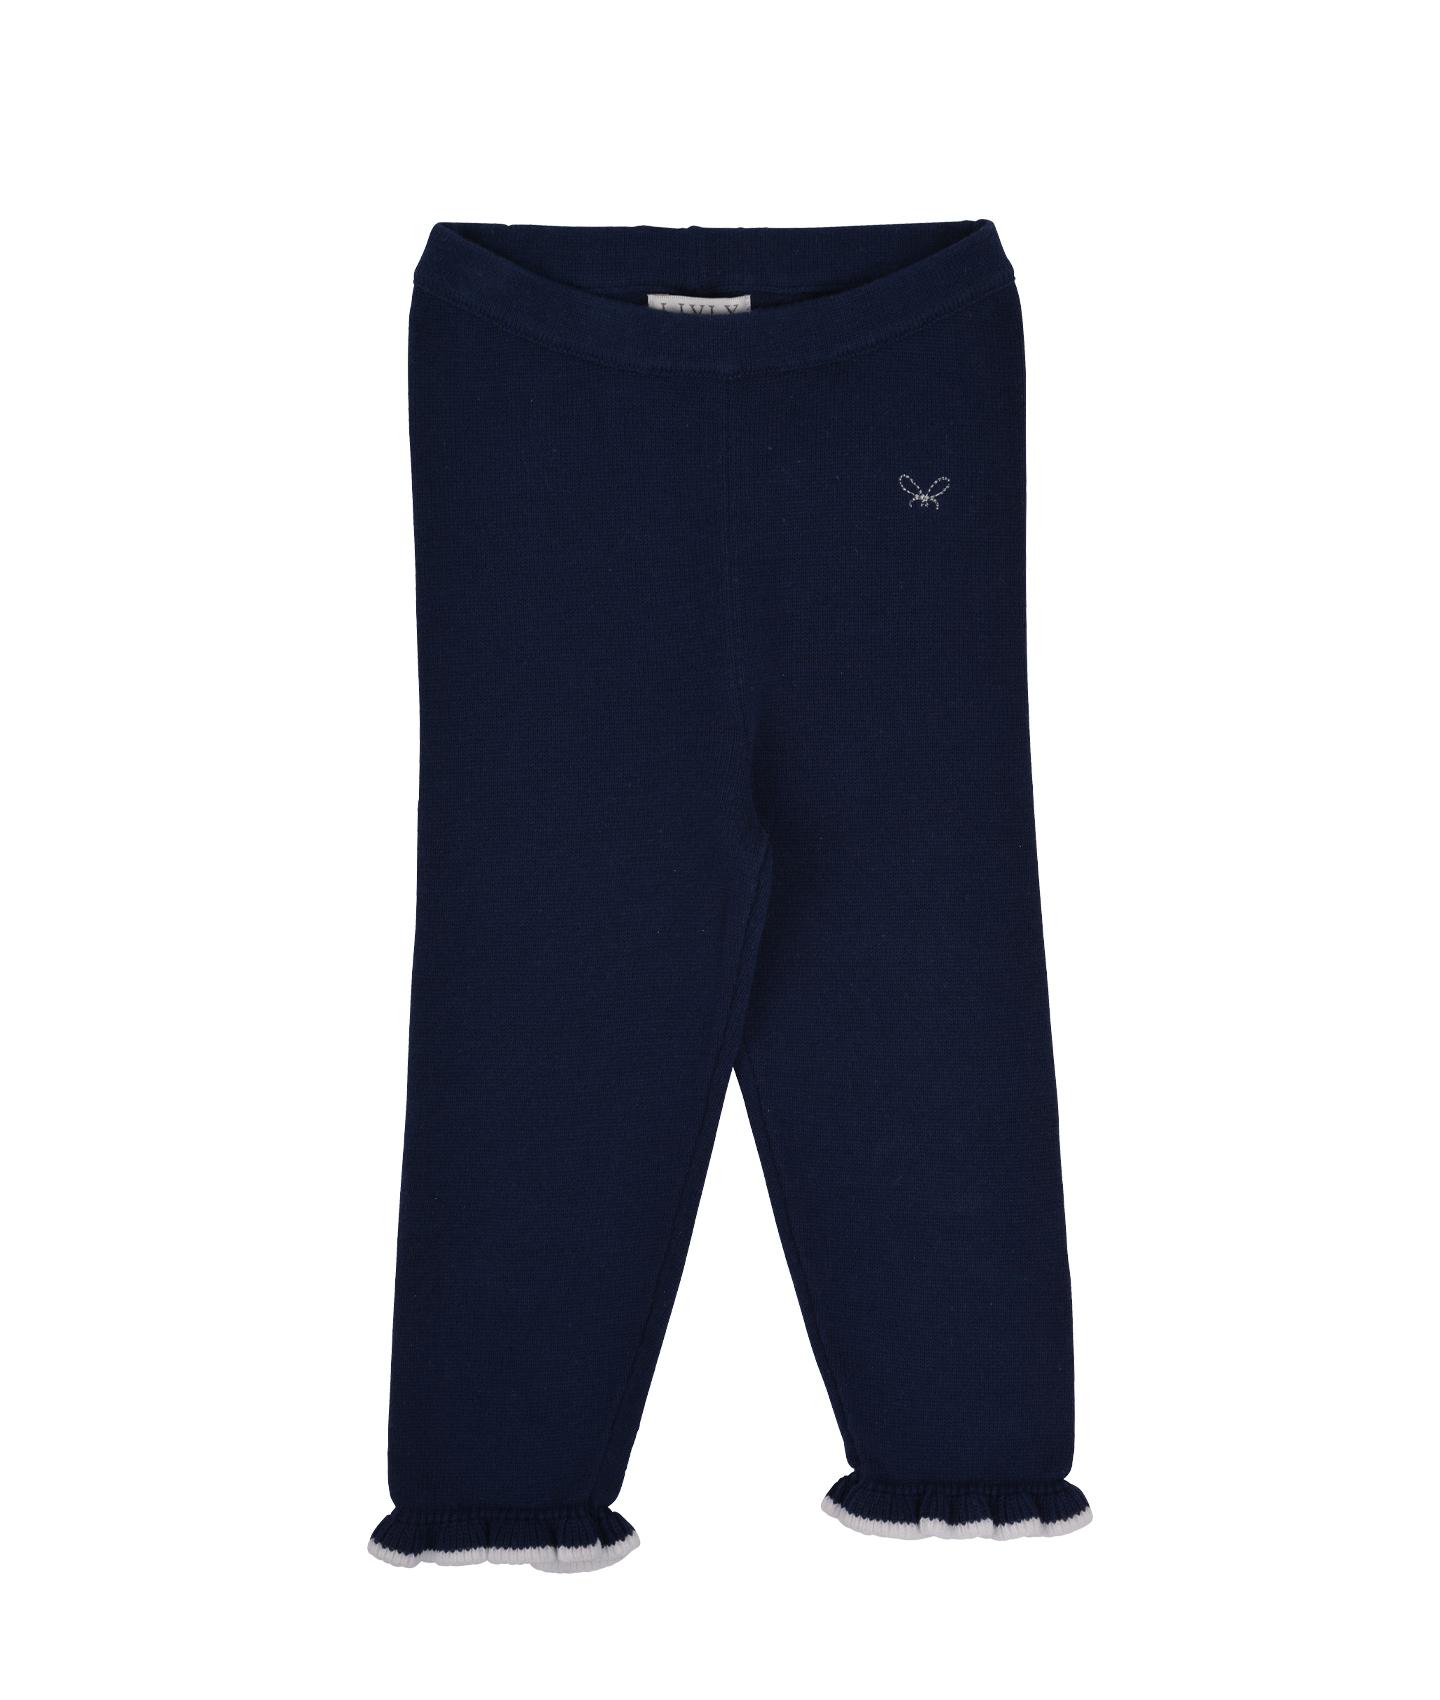 Livly Ruffled Pants